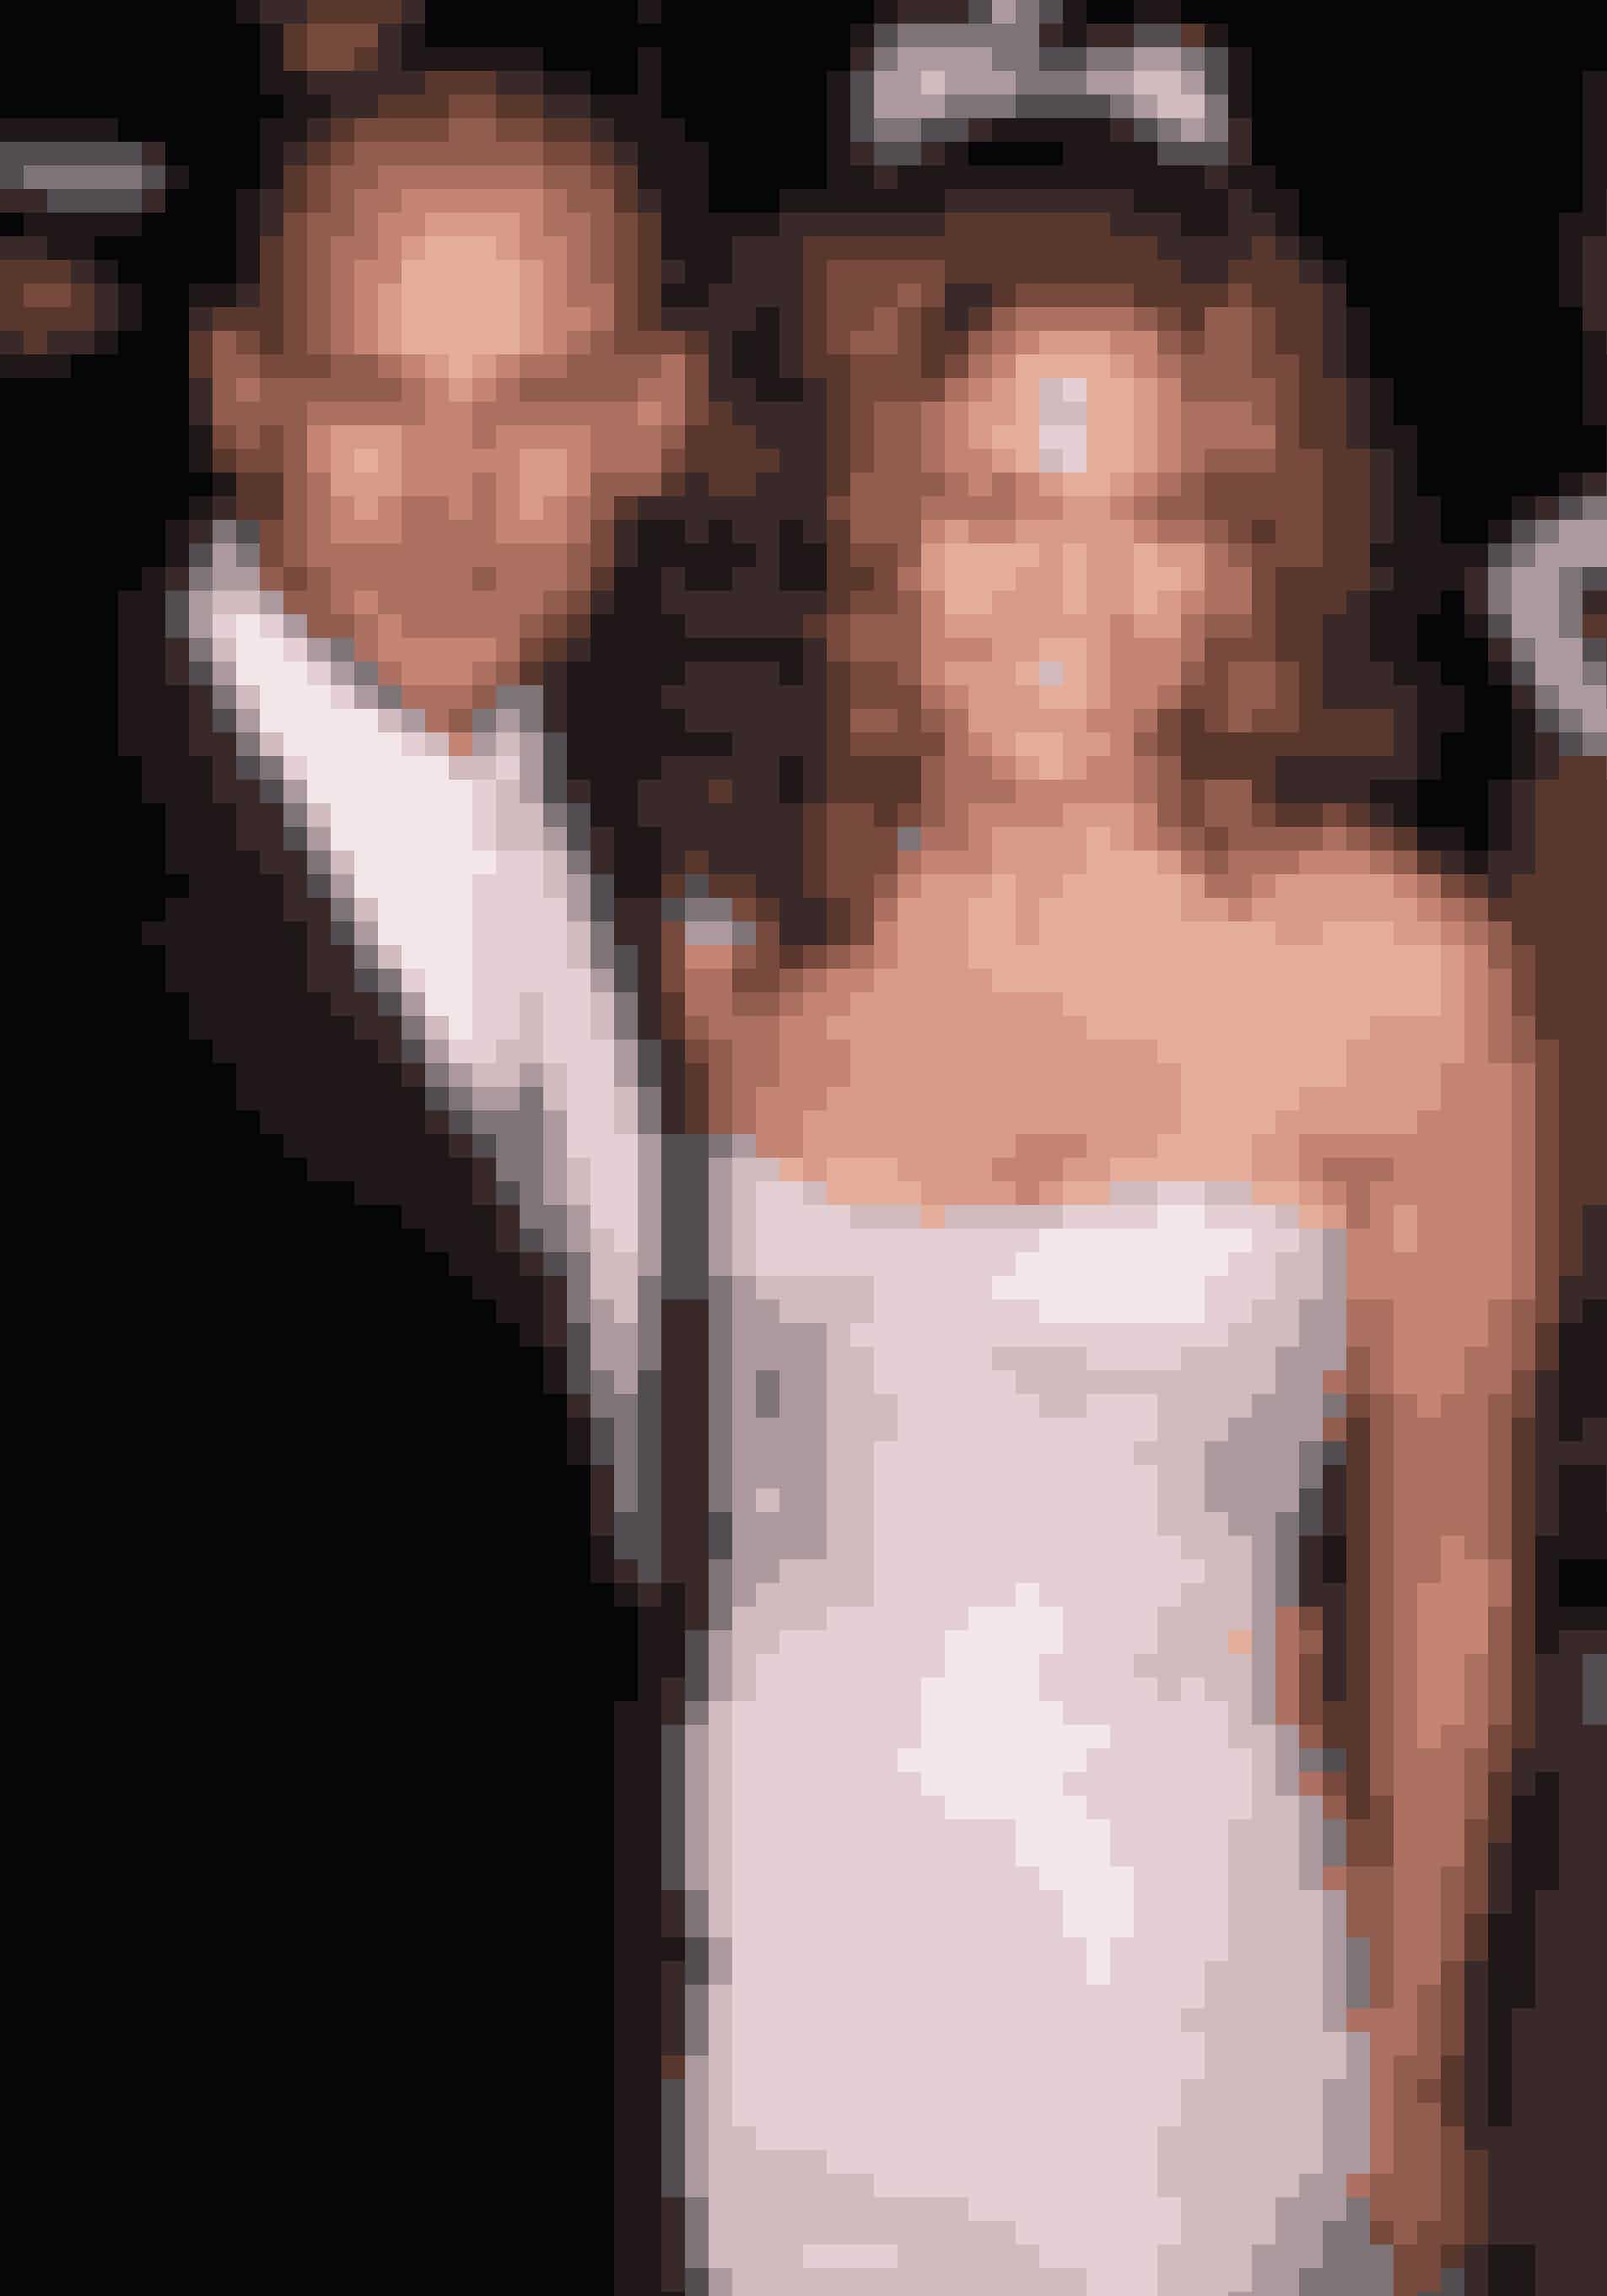 Jennifer Lopez har i en alder af 48 år allerede været gift tre gange – og forlovet en gang mere. Det længste ægteskab, hun har bag sig, er med sangeren Mark Anthony, som også er far til tvillingerne Max og Esme, mens hvedebrødsdagene med danseren Cris Judd blev noget lunkne efter kun fire måneder, hvorefter parret dansede videre ud i verden i hver deres retning.